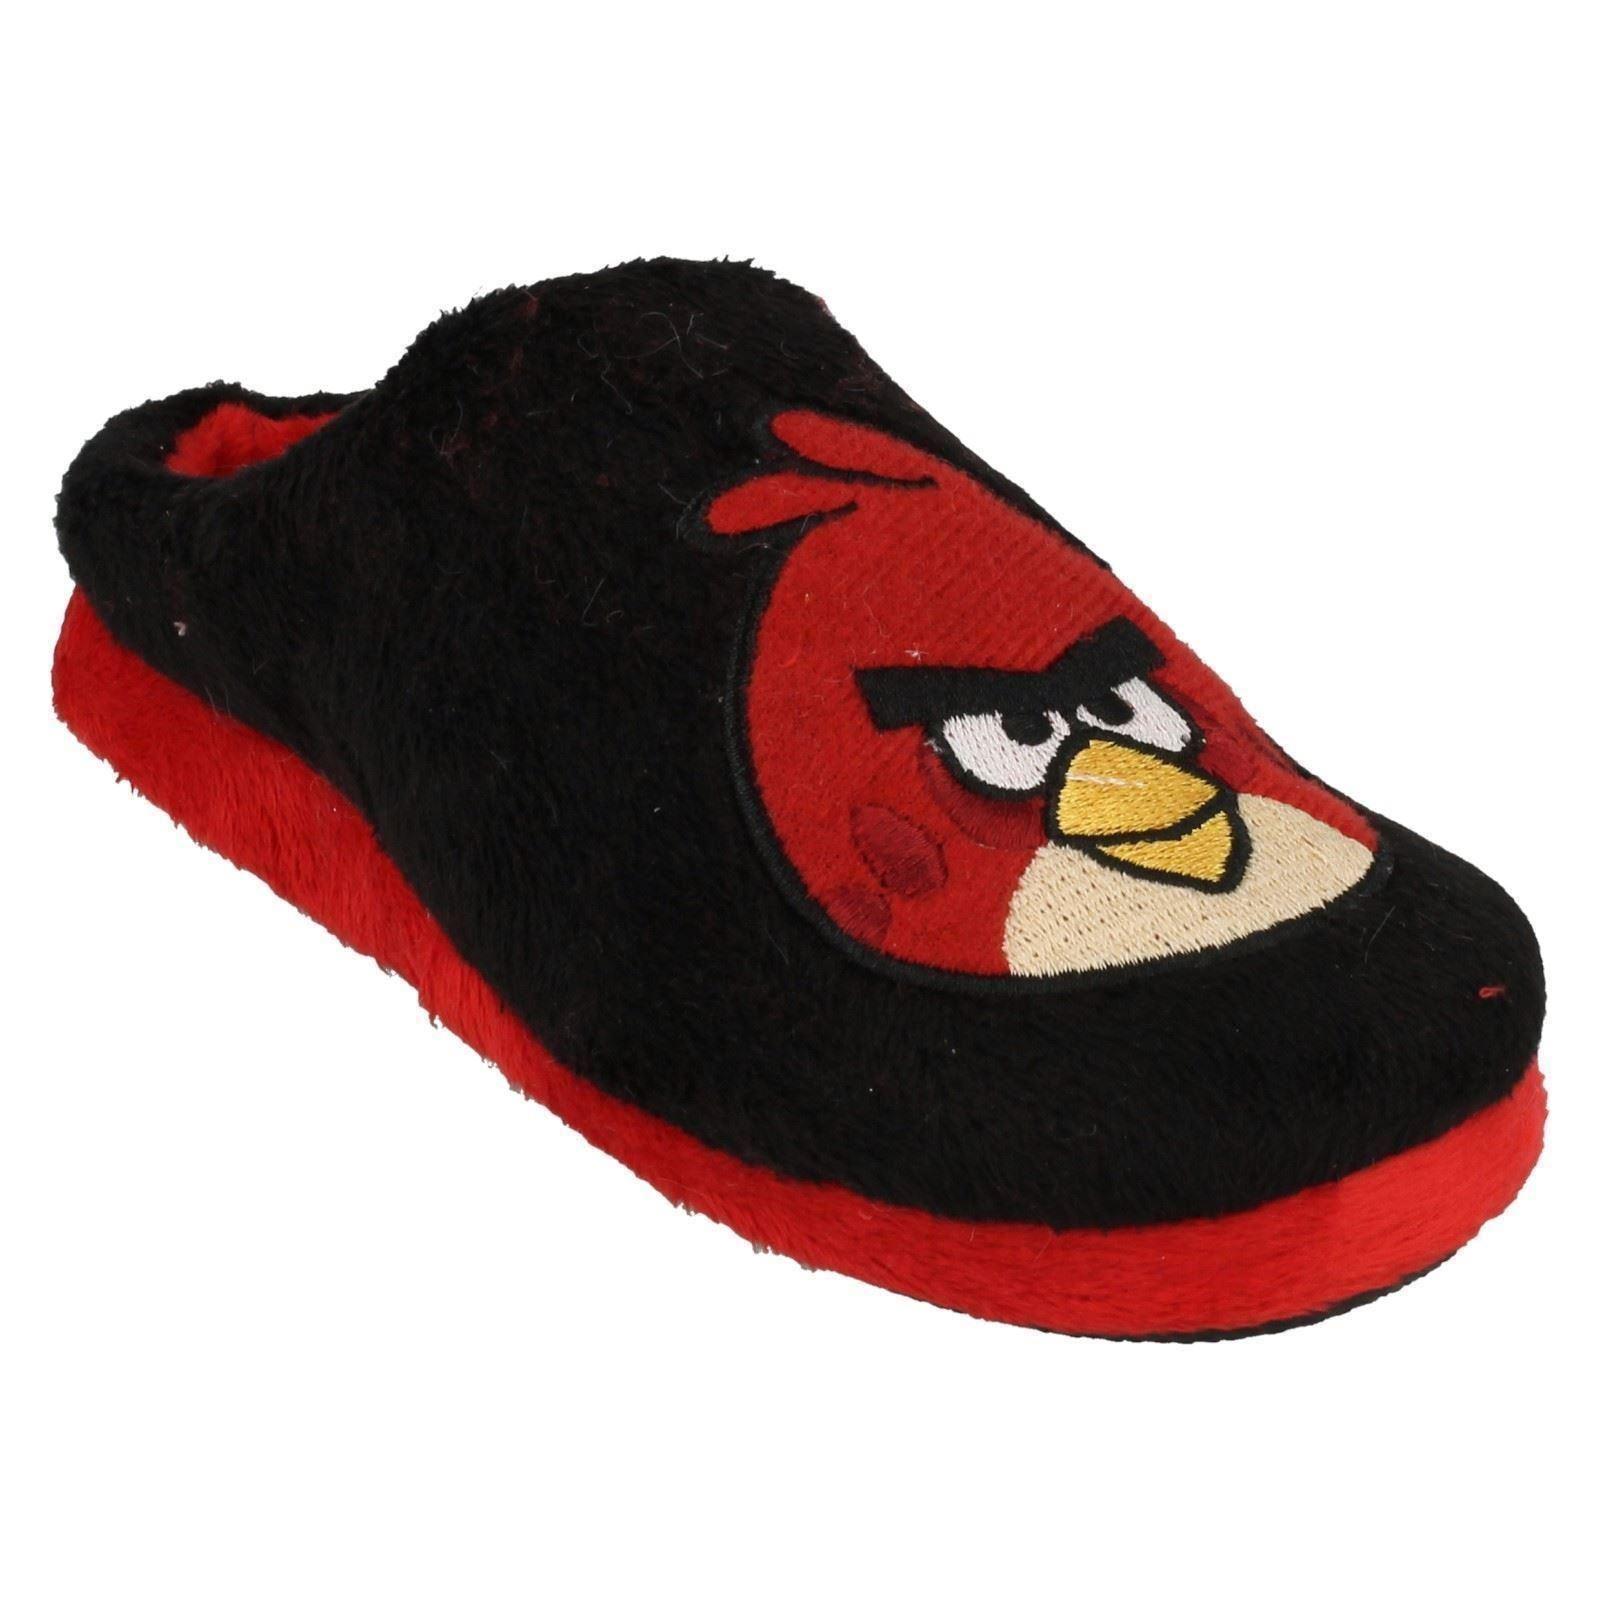 Infantil/Júnior Niños Angry Birds Zapatilla De Terciopelo